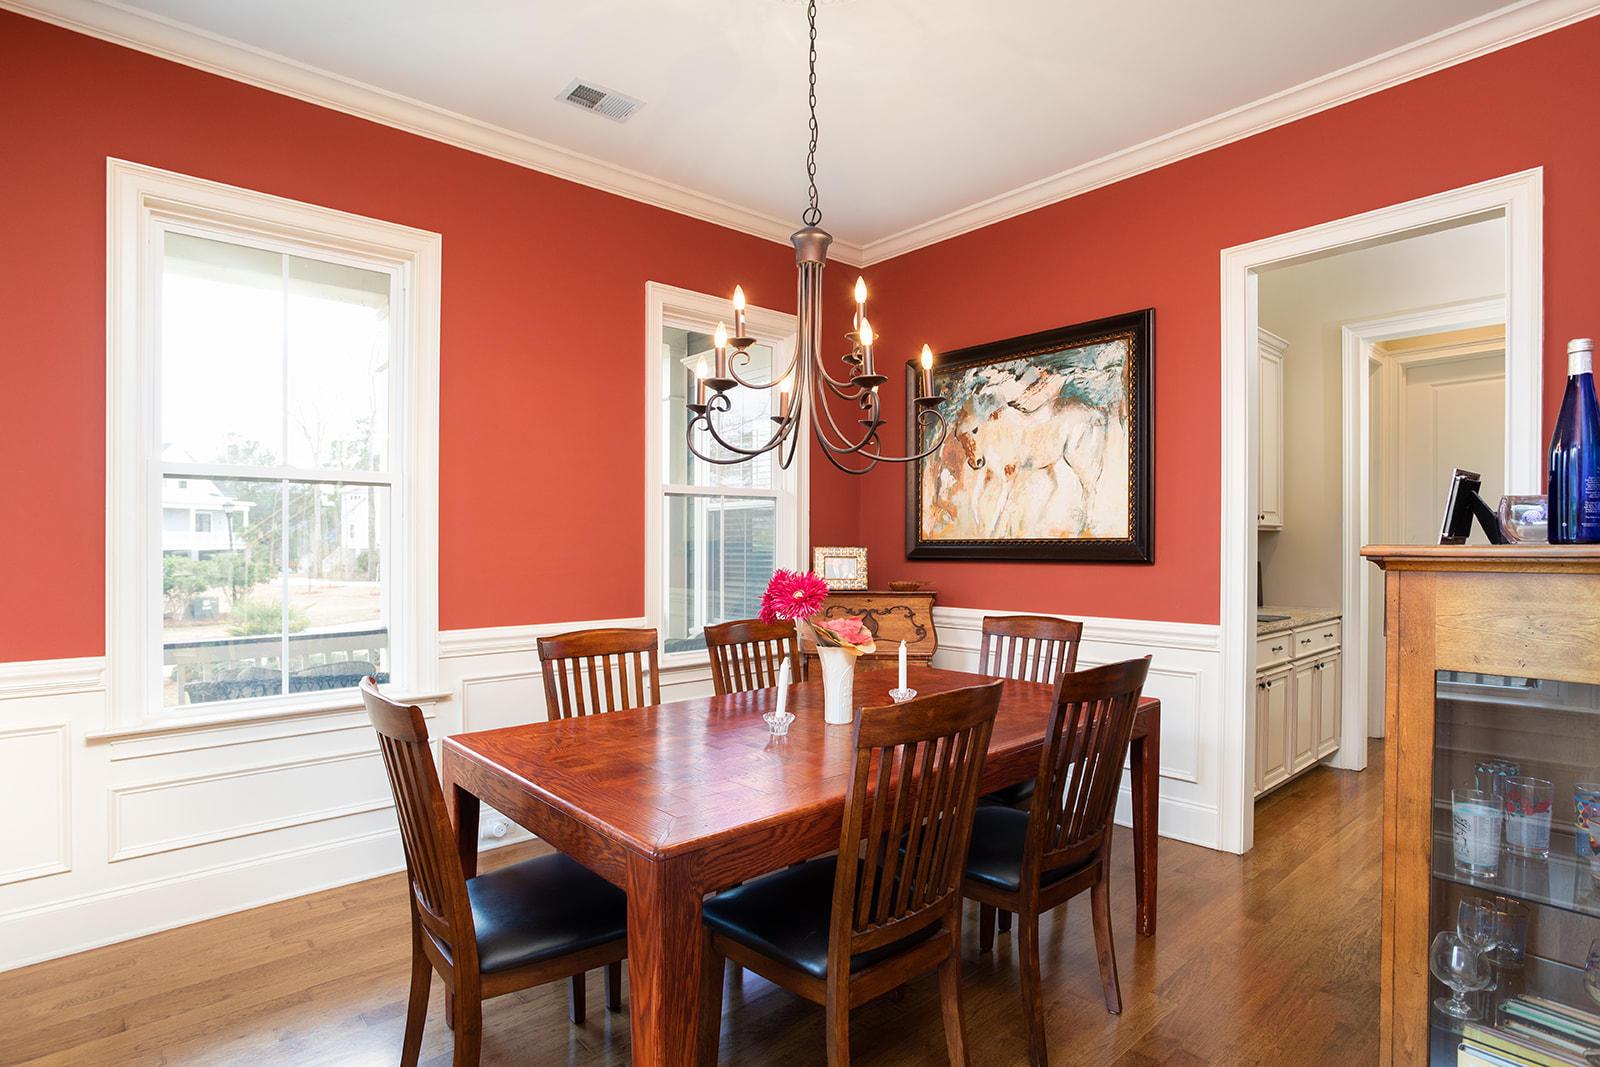 Dunes West Homes For Sale - 3019 Yachtsman, Mount Pleasant, SC - 4